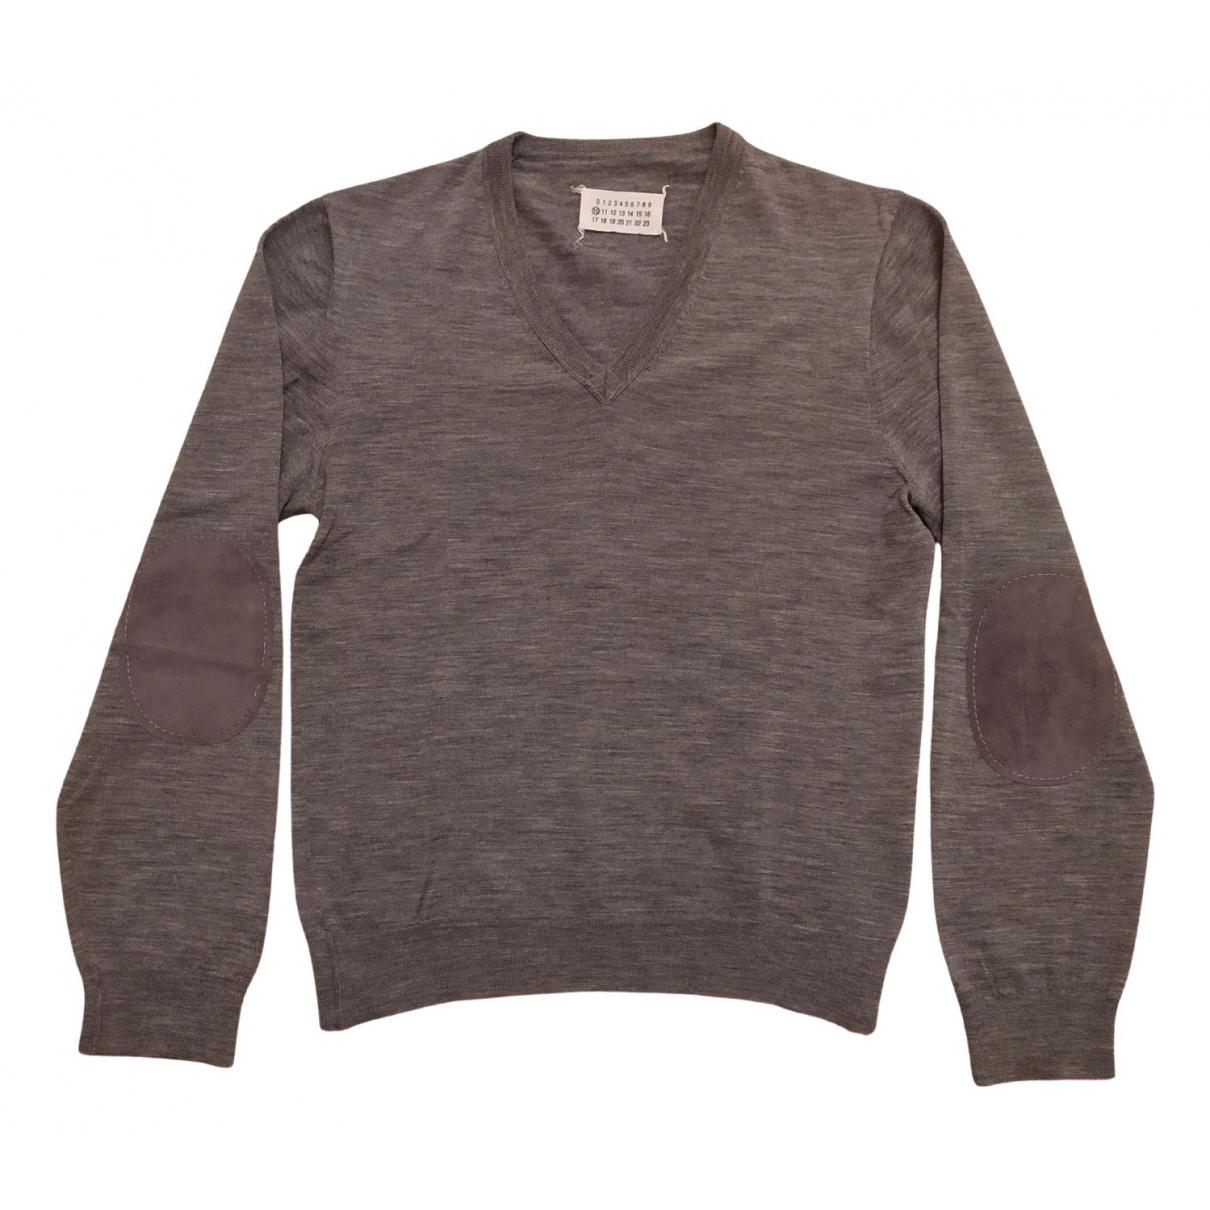 Maison Martin Margiela - Pulls.Gilets.Sweats   pour homme en laine - gris